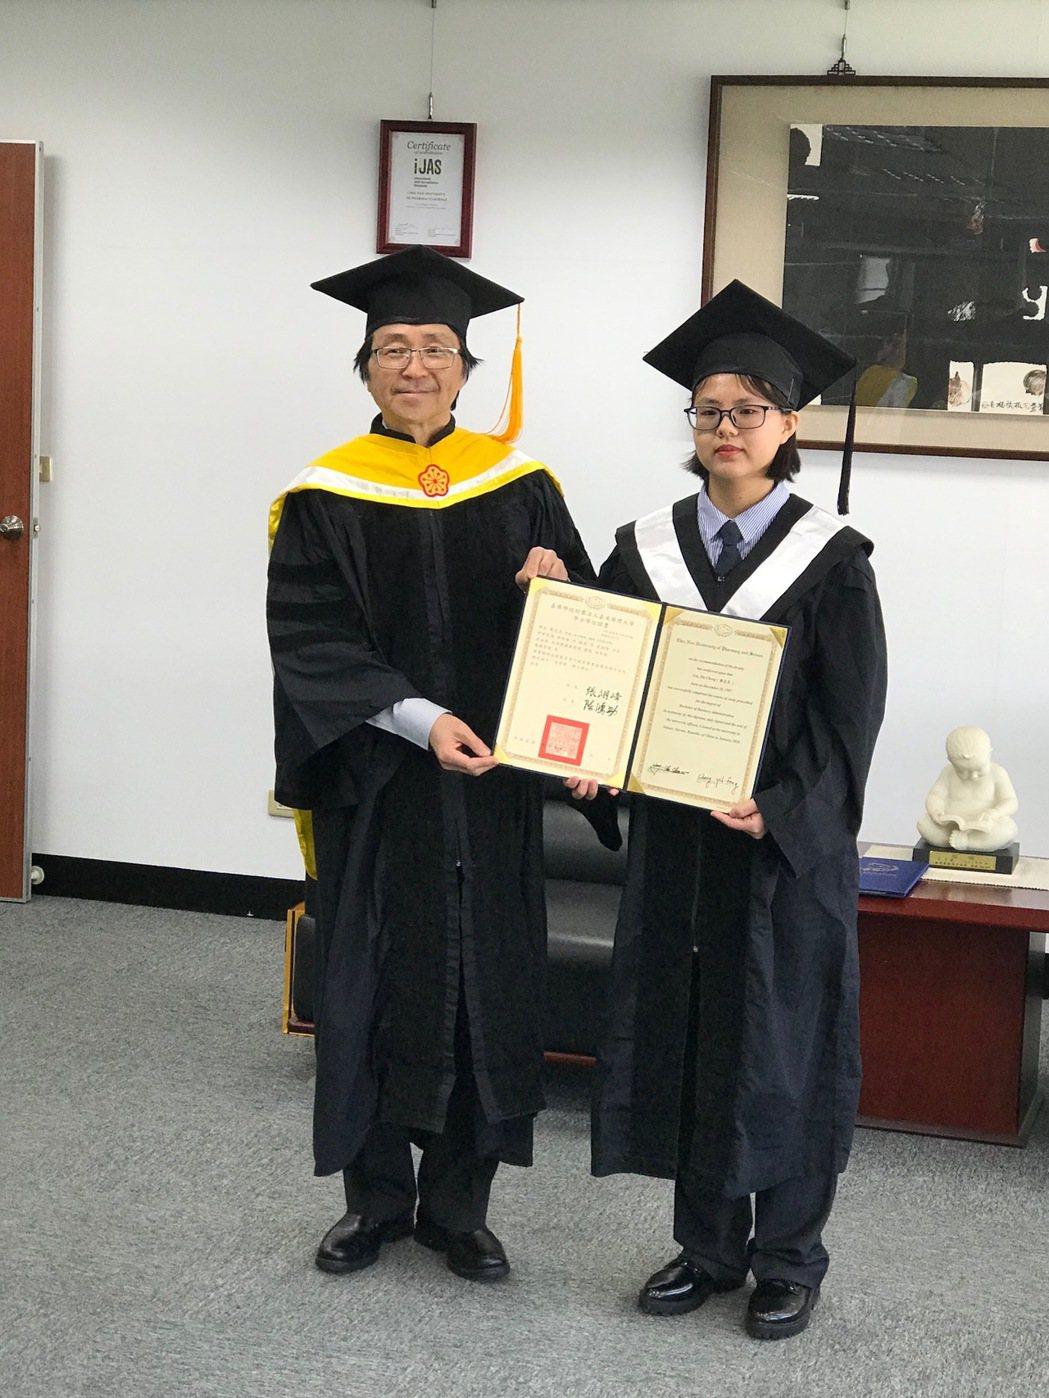 校長陳鴻助頒發學士畢業證書給劉芝呈同學。 黃逢森/攝影